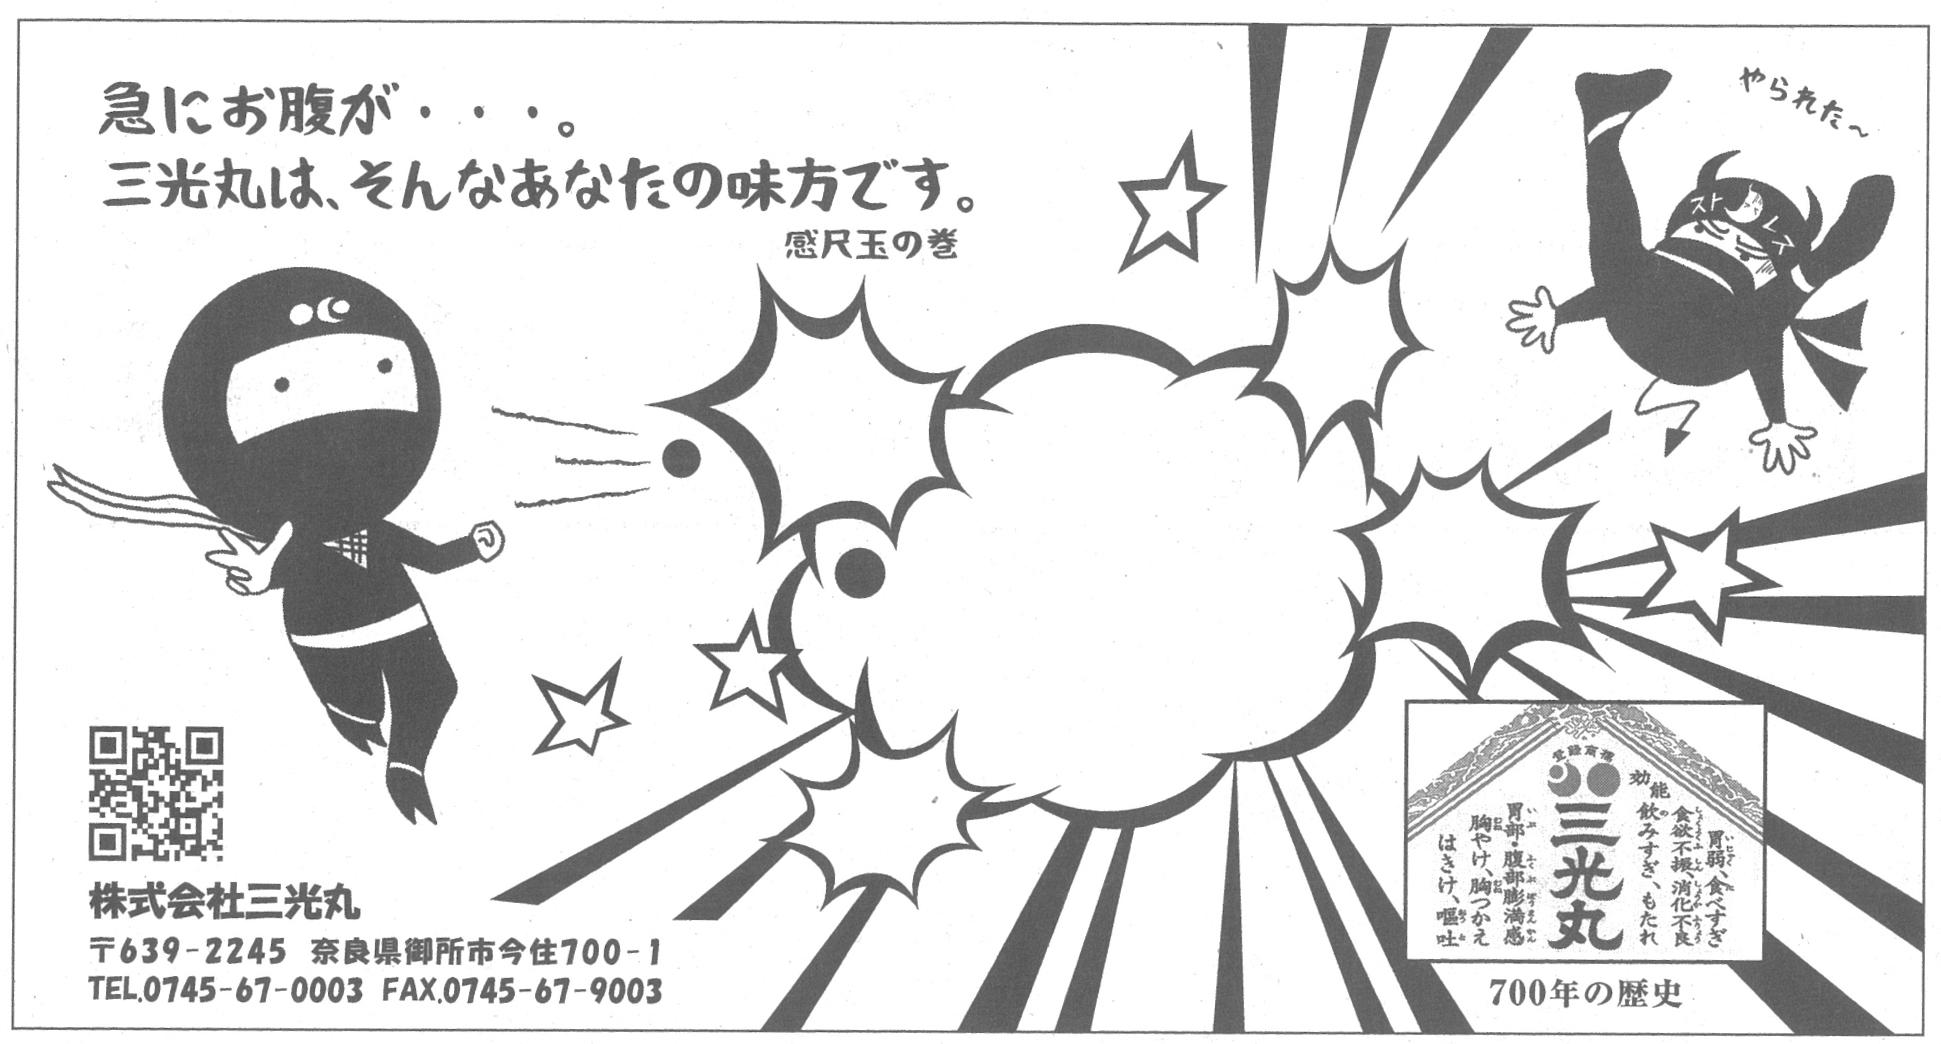 企業クライアント制課題 新聞広告「優秀賞」